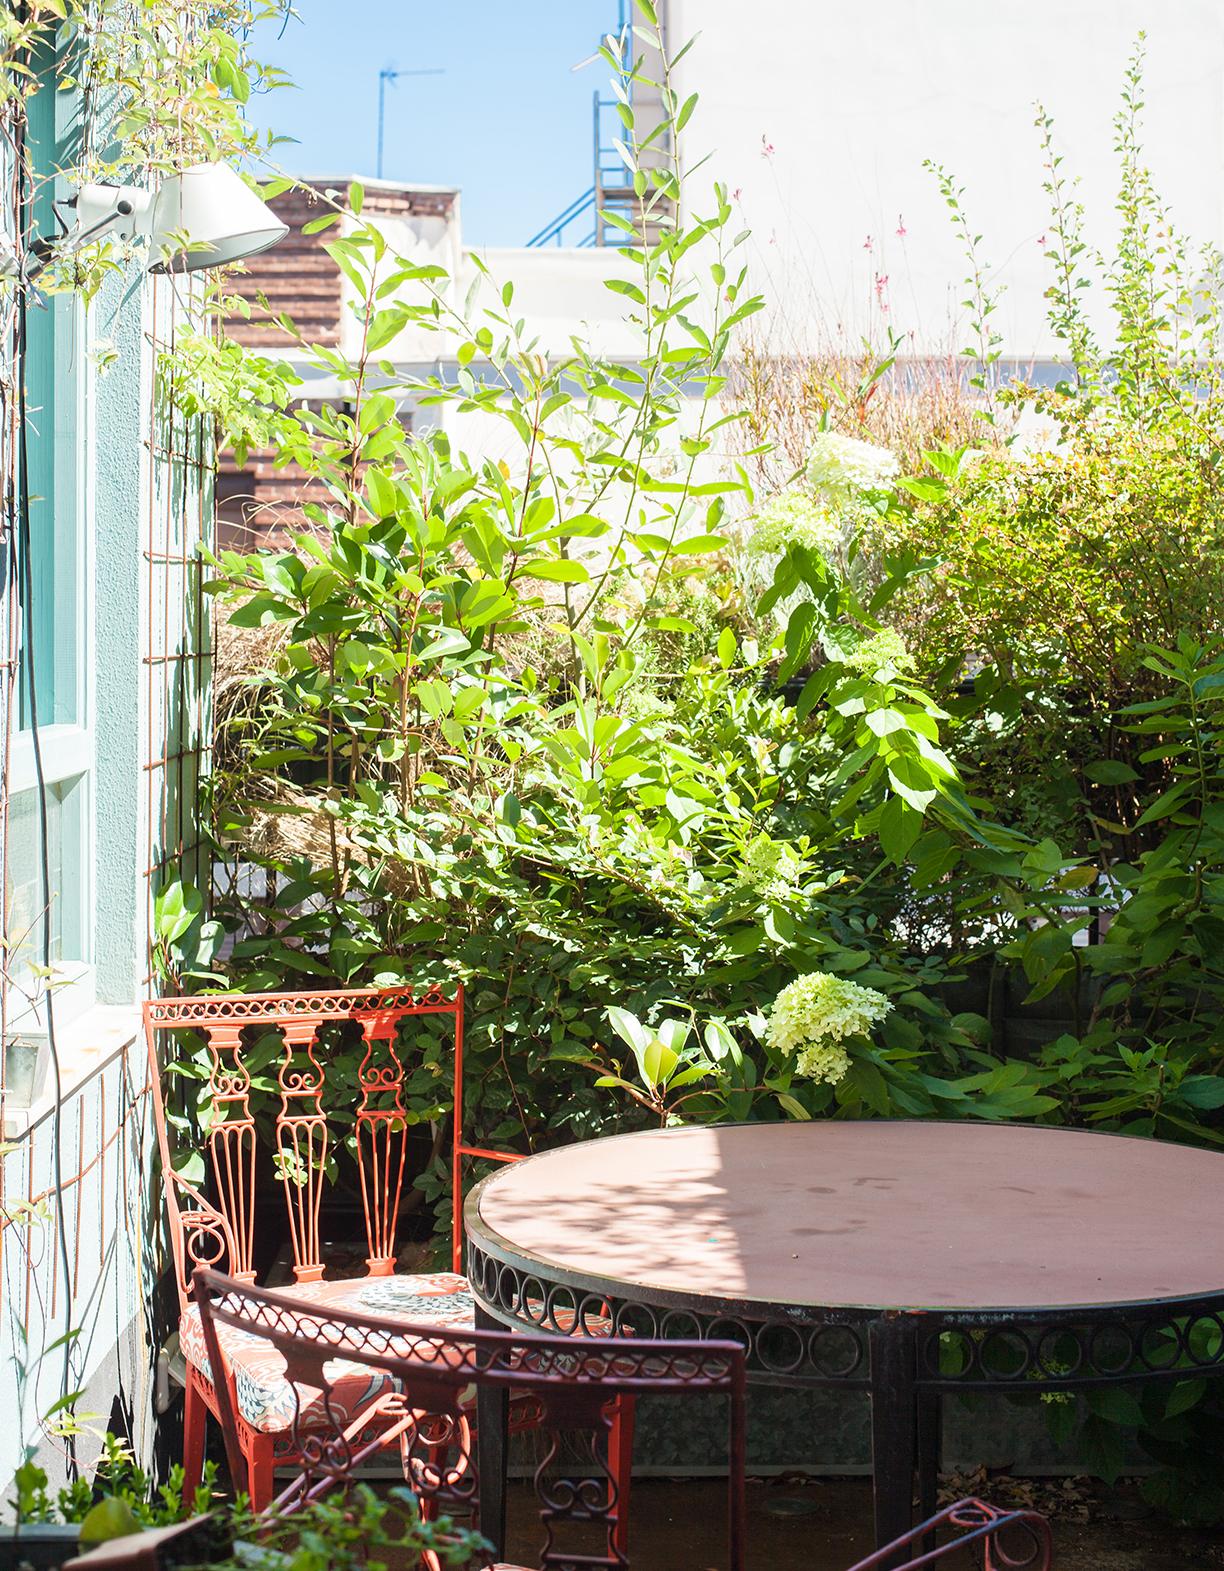 Cuidar las plantas en la terraza es la terapia antiestrés de Pepe.